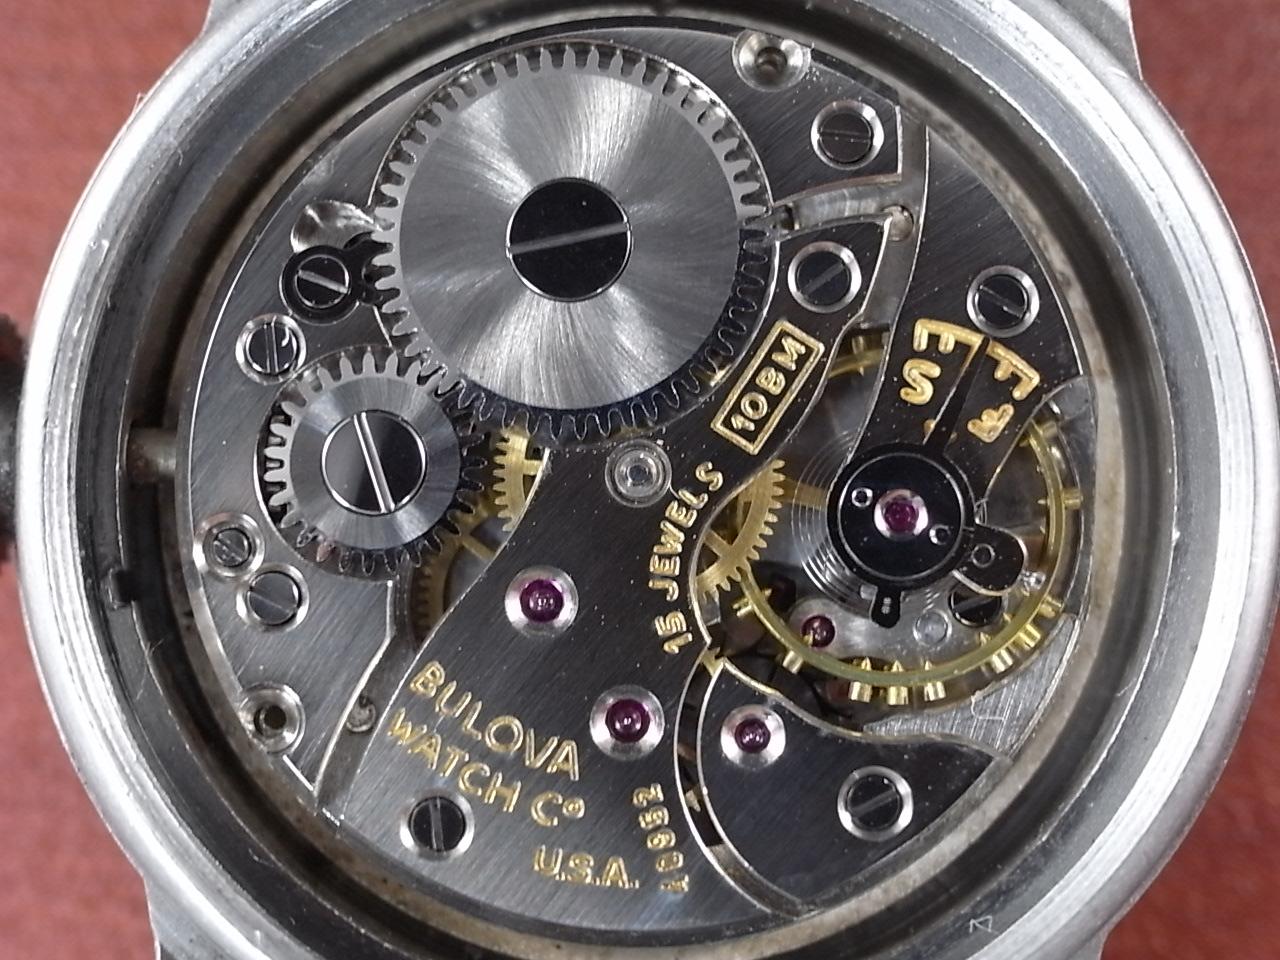 ブローバ 軍用時計 アメリカ陸軍 ホワイトダイアル 1940年代の写真5枚目